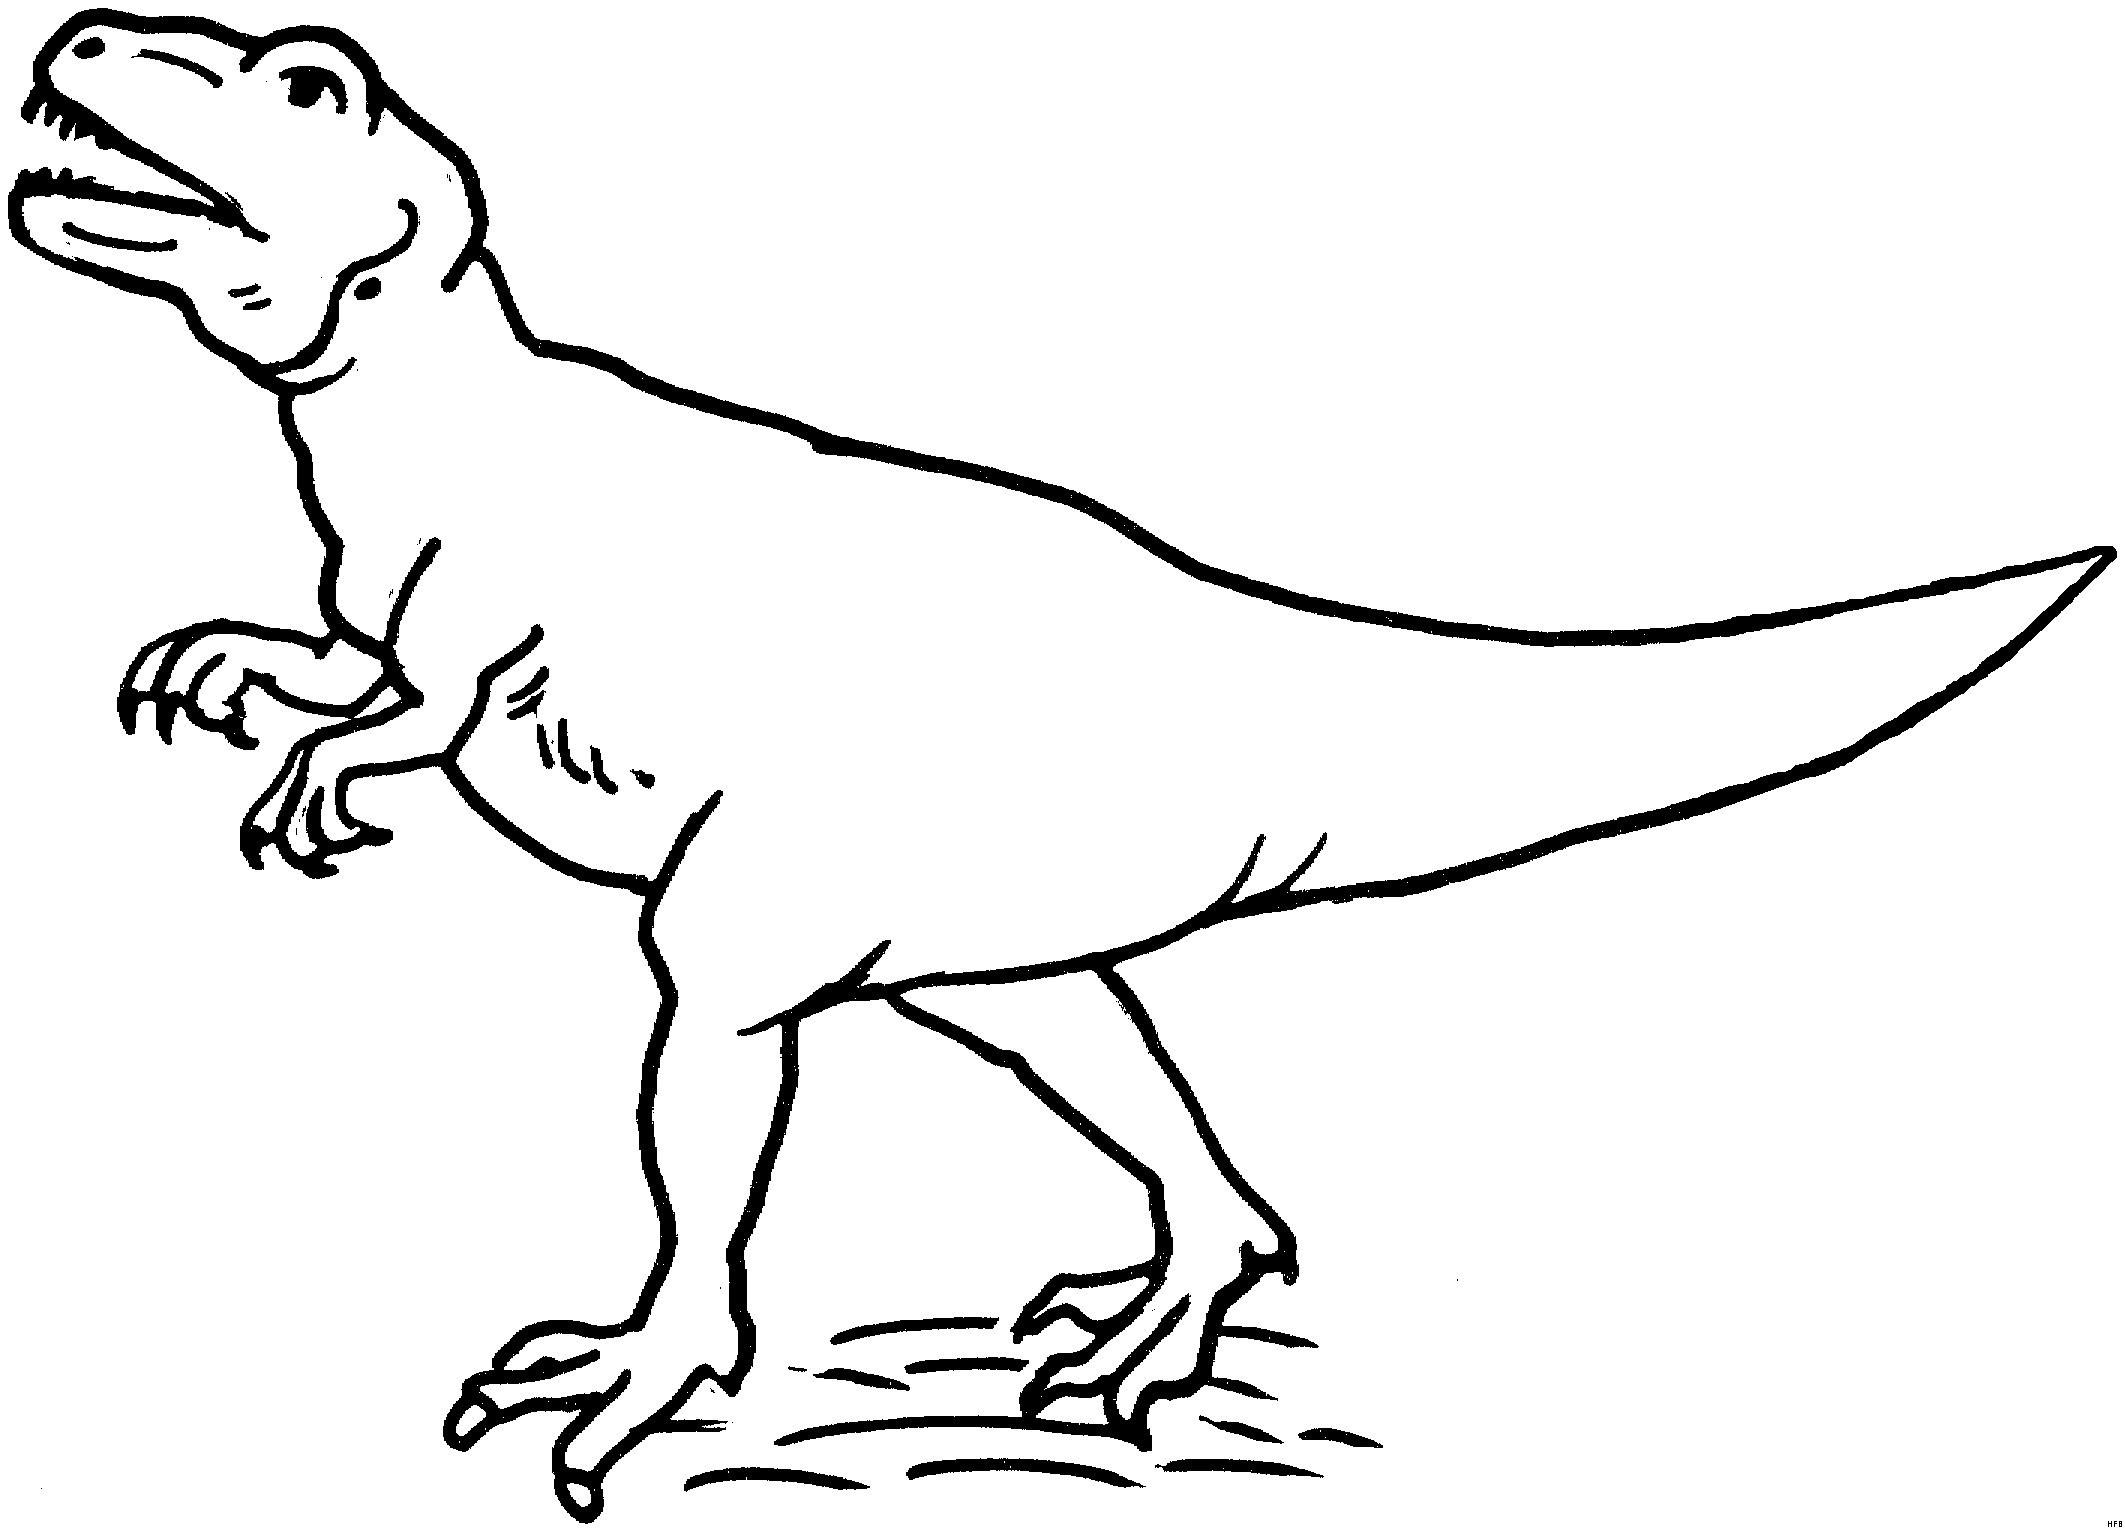 Soy Luna Ausmalbilder Das Beste Von 40 Ausmalbilder Dinosaurier Rex Scoredatscore Genial Ausmalbilder Stock